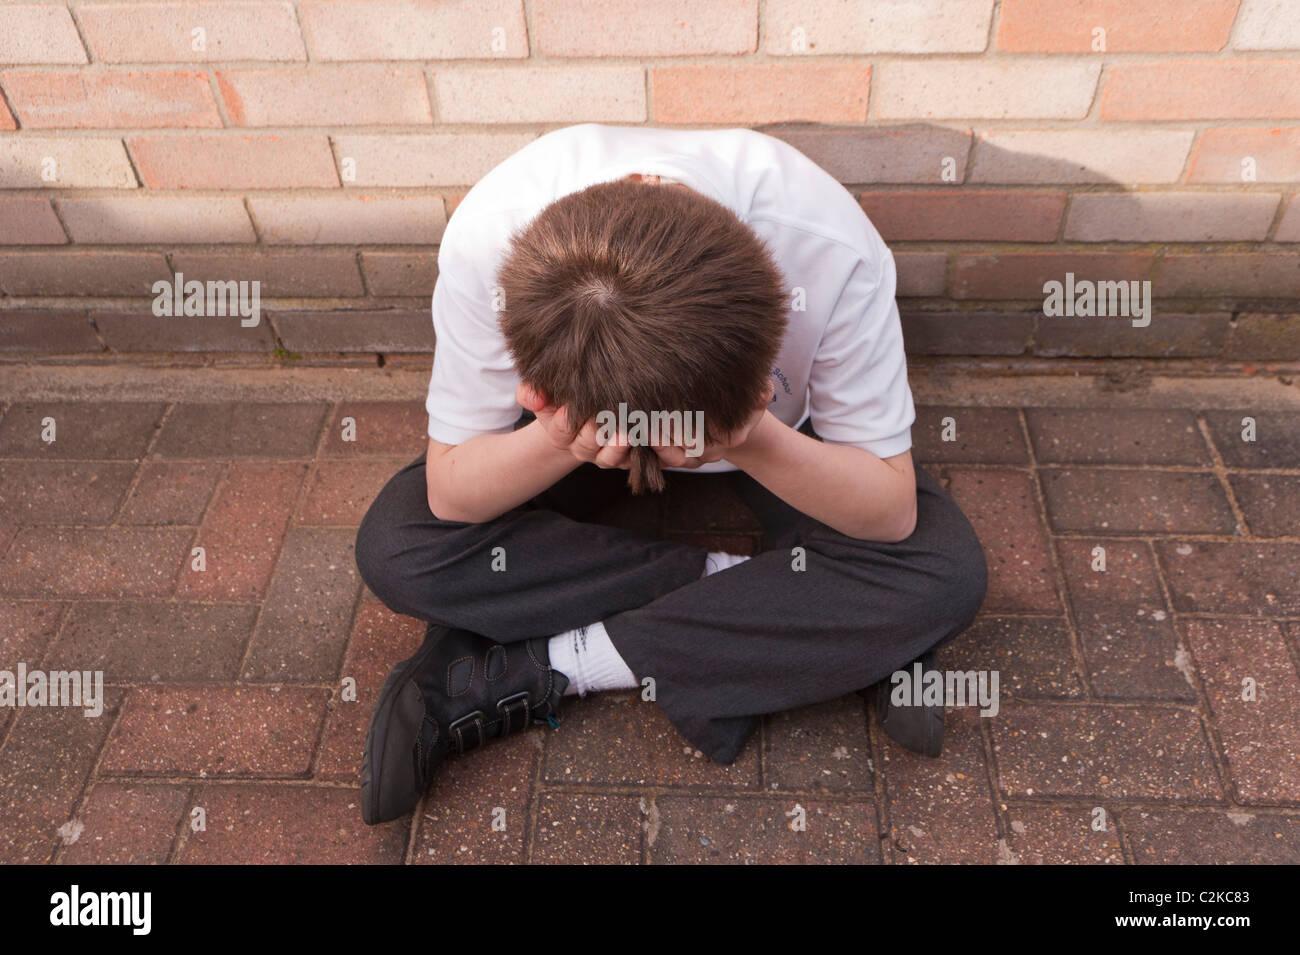 Ein MODEL Release Bild eines elf Jahre alten Jungen auf der Suche deprimiert im Freien tragen seine SchuluniformStockfoto